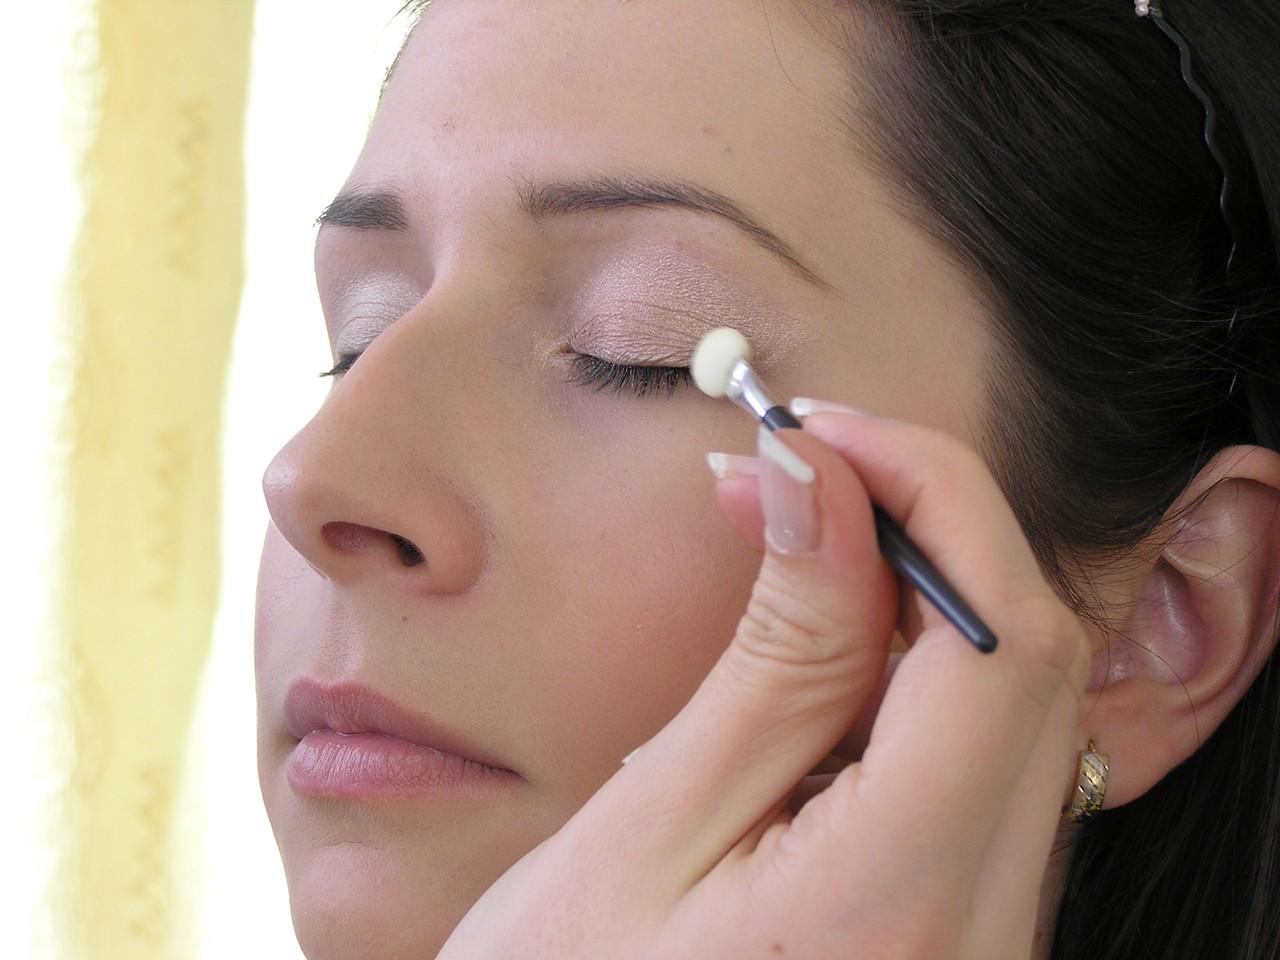 Warto zobaczyć jakie usługi proponuje kosmetyczka